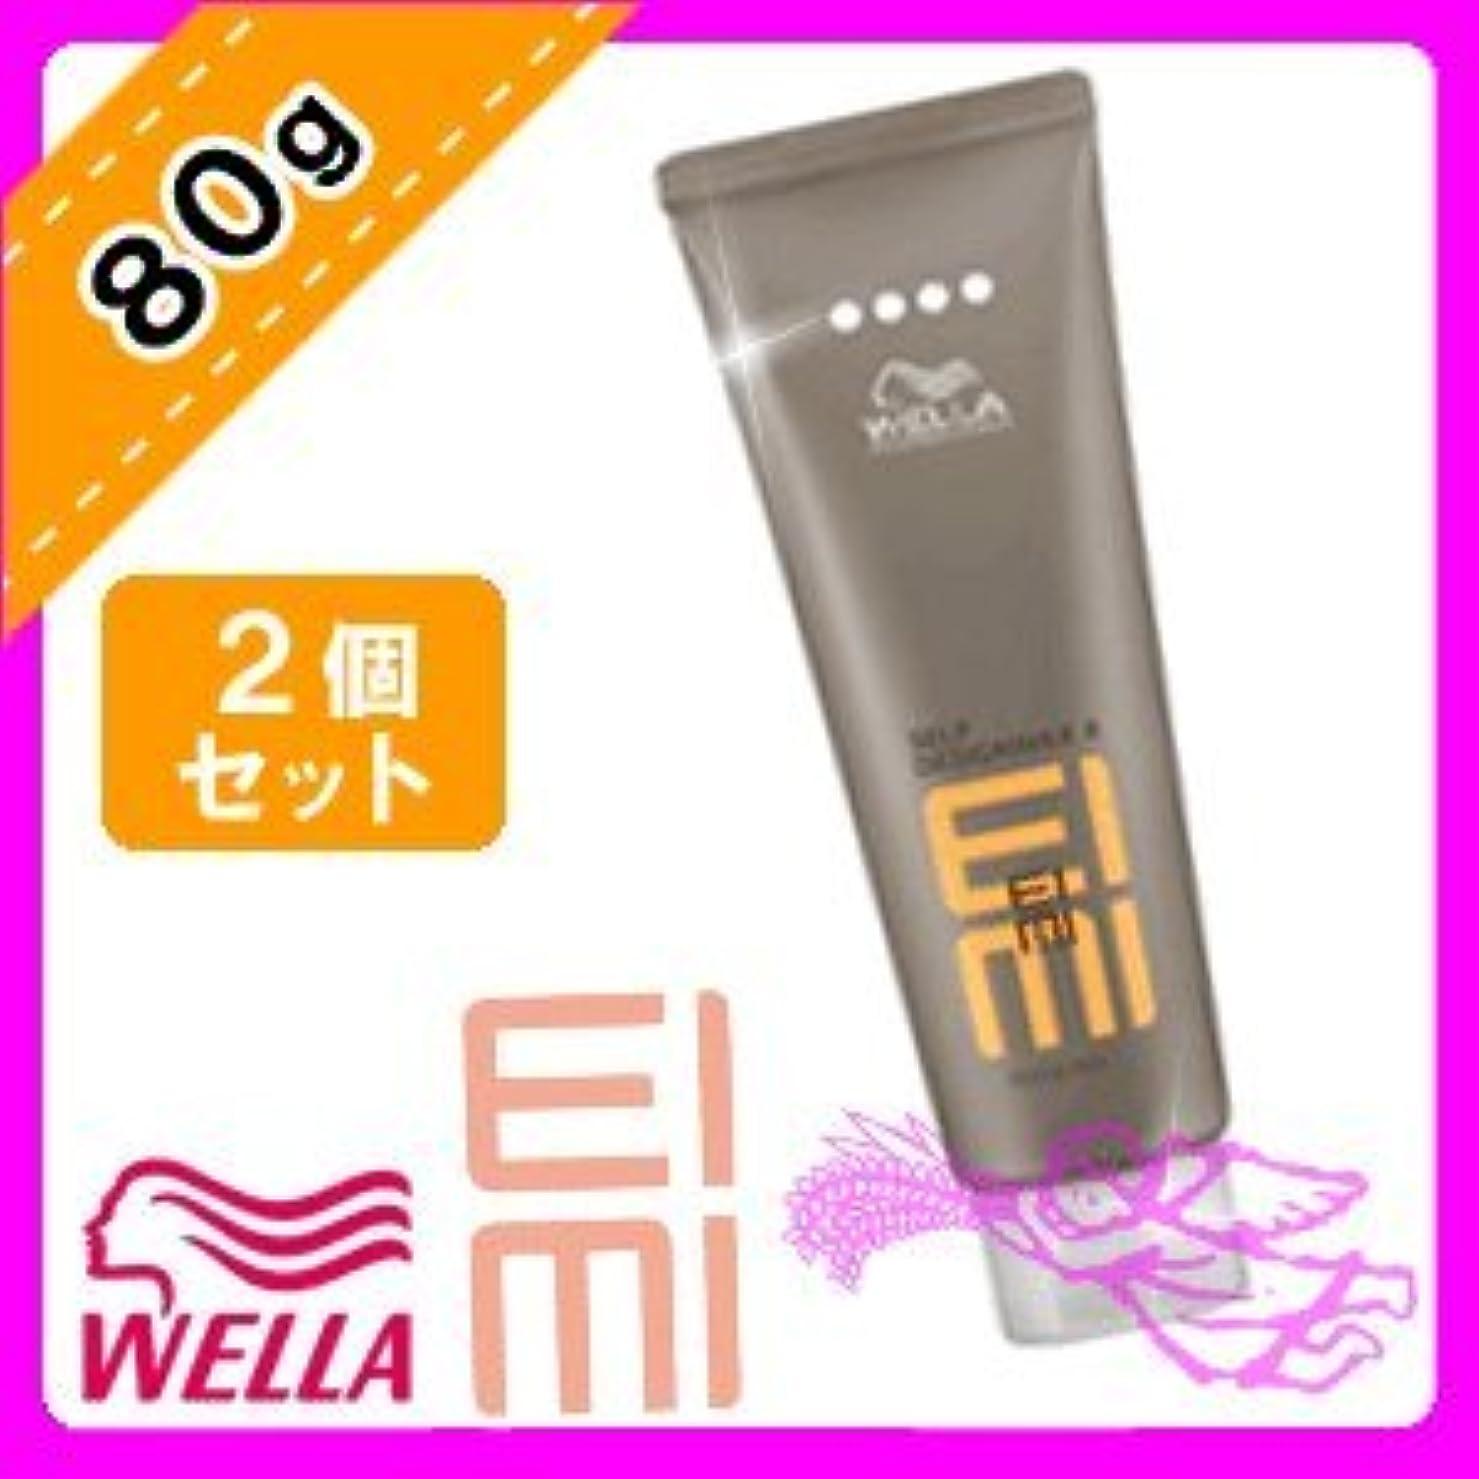 展示会影飛ぶウエラ EIMI(アイミィ) セルフデザインワックス4 80g ×2個 セット WELLA P&G